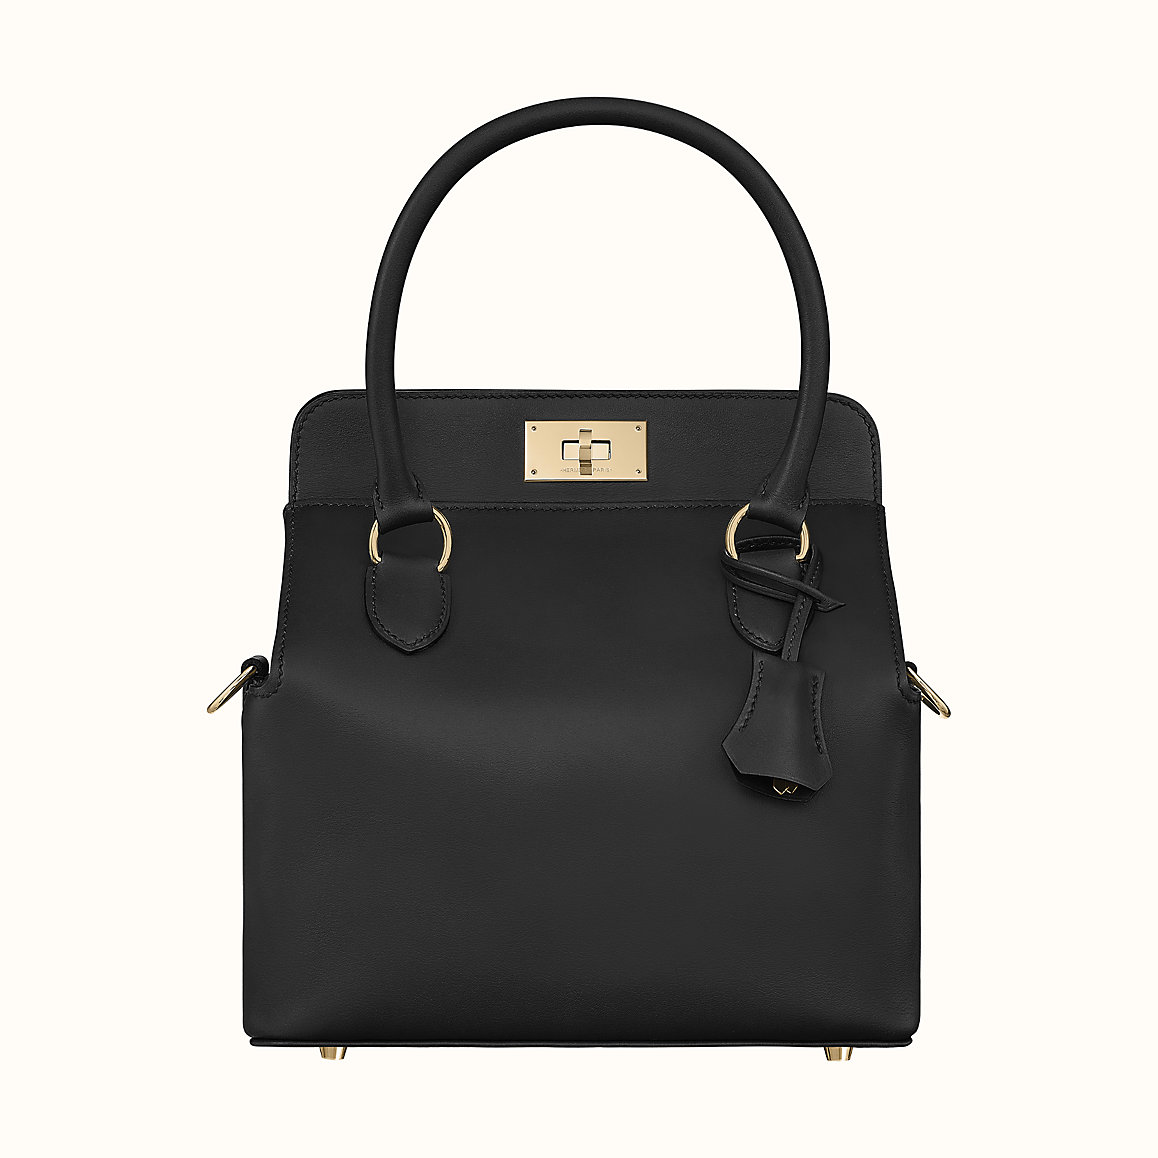 30代の女性にオススメのエルメスのレディースバッグ